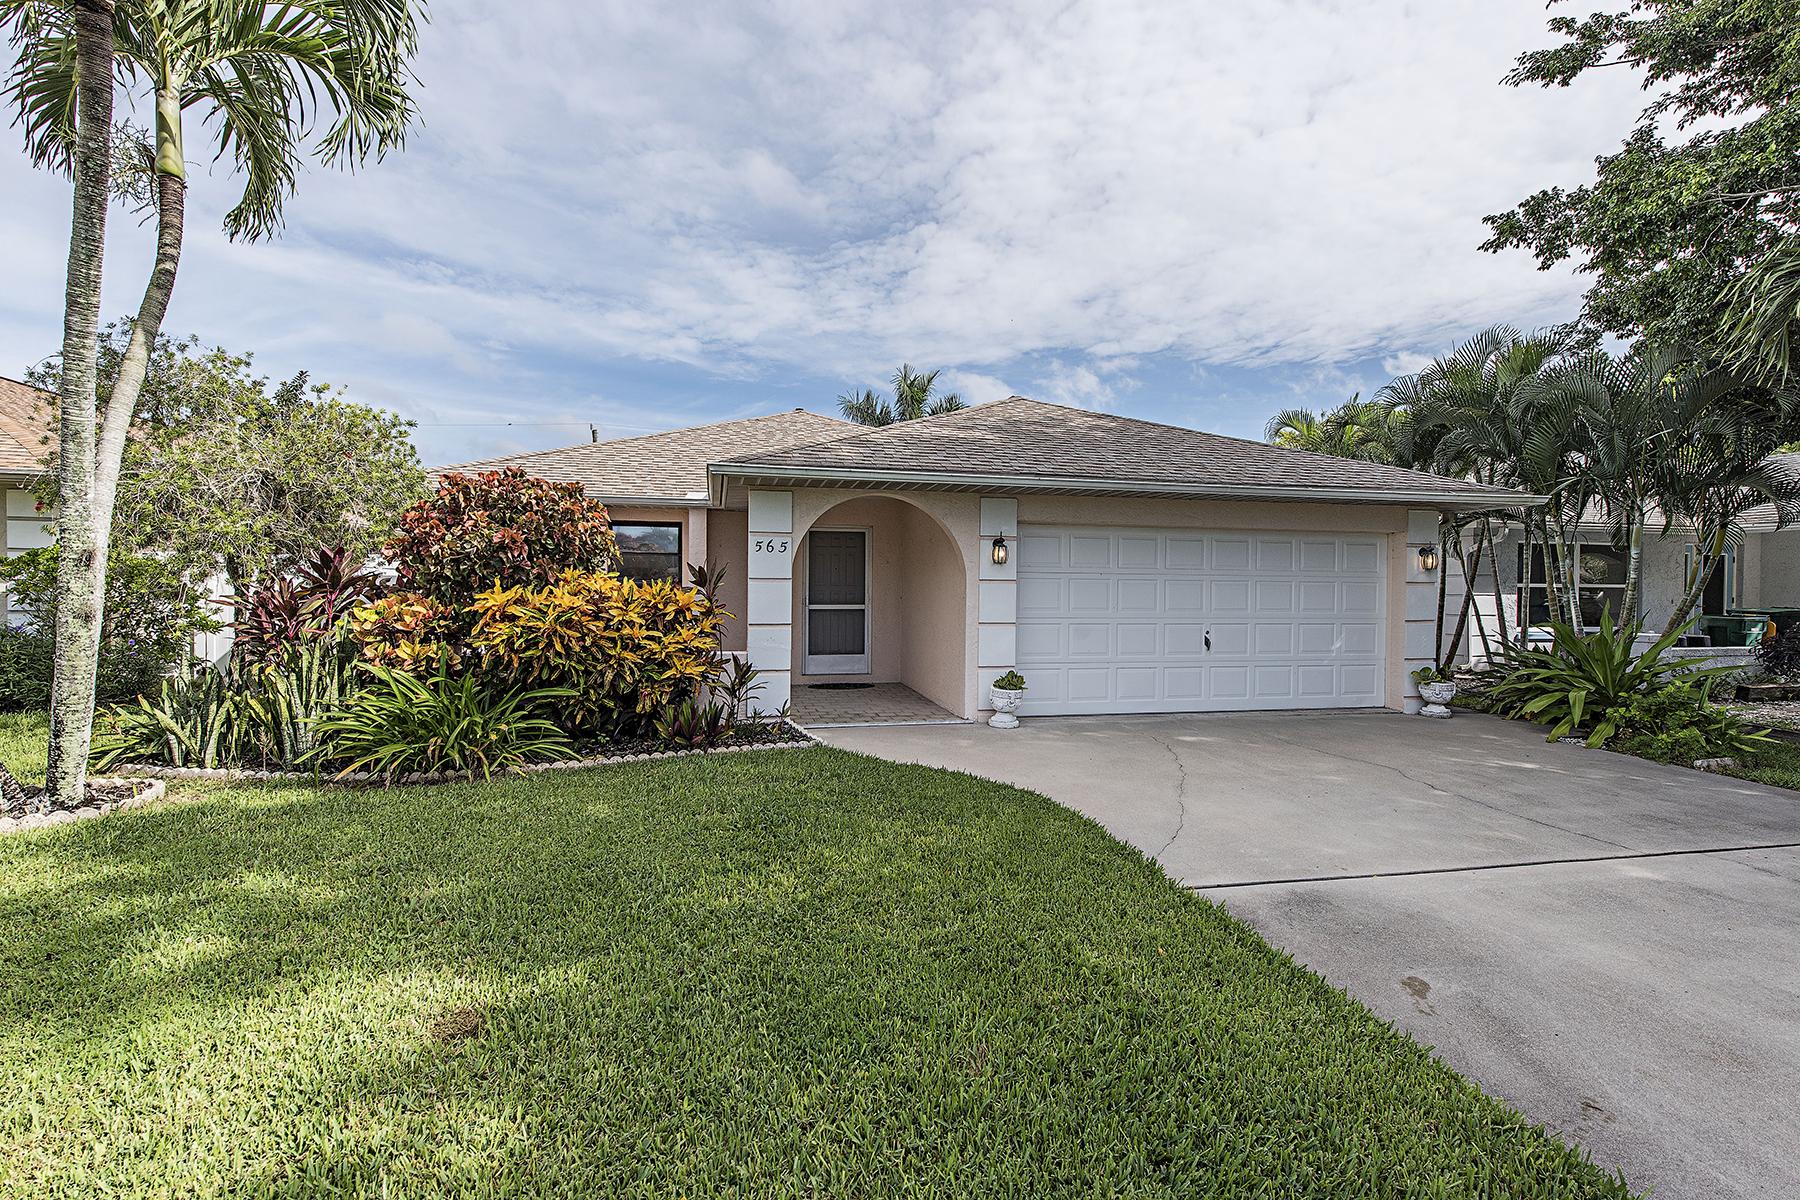 Casa para uma família para Venda às NAPLES PARK 565 108th Ave N Naples, Florida, 34108 Estados Unidos